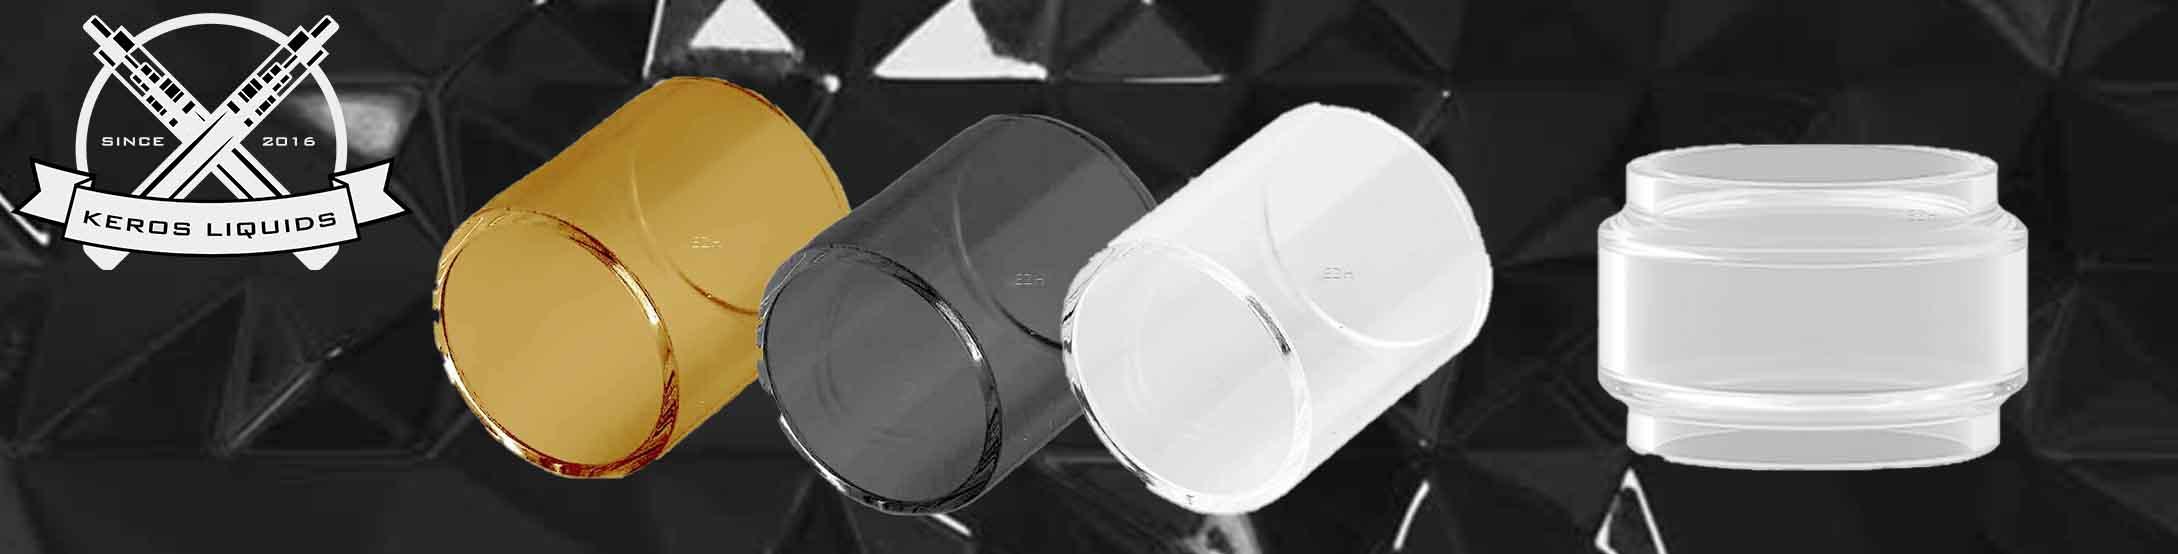 Ersatzglas-Banner-Kerosliquids